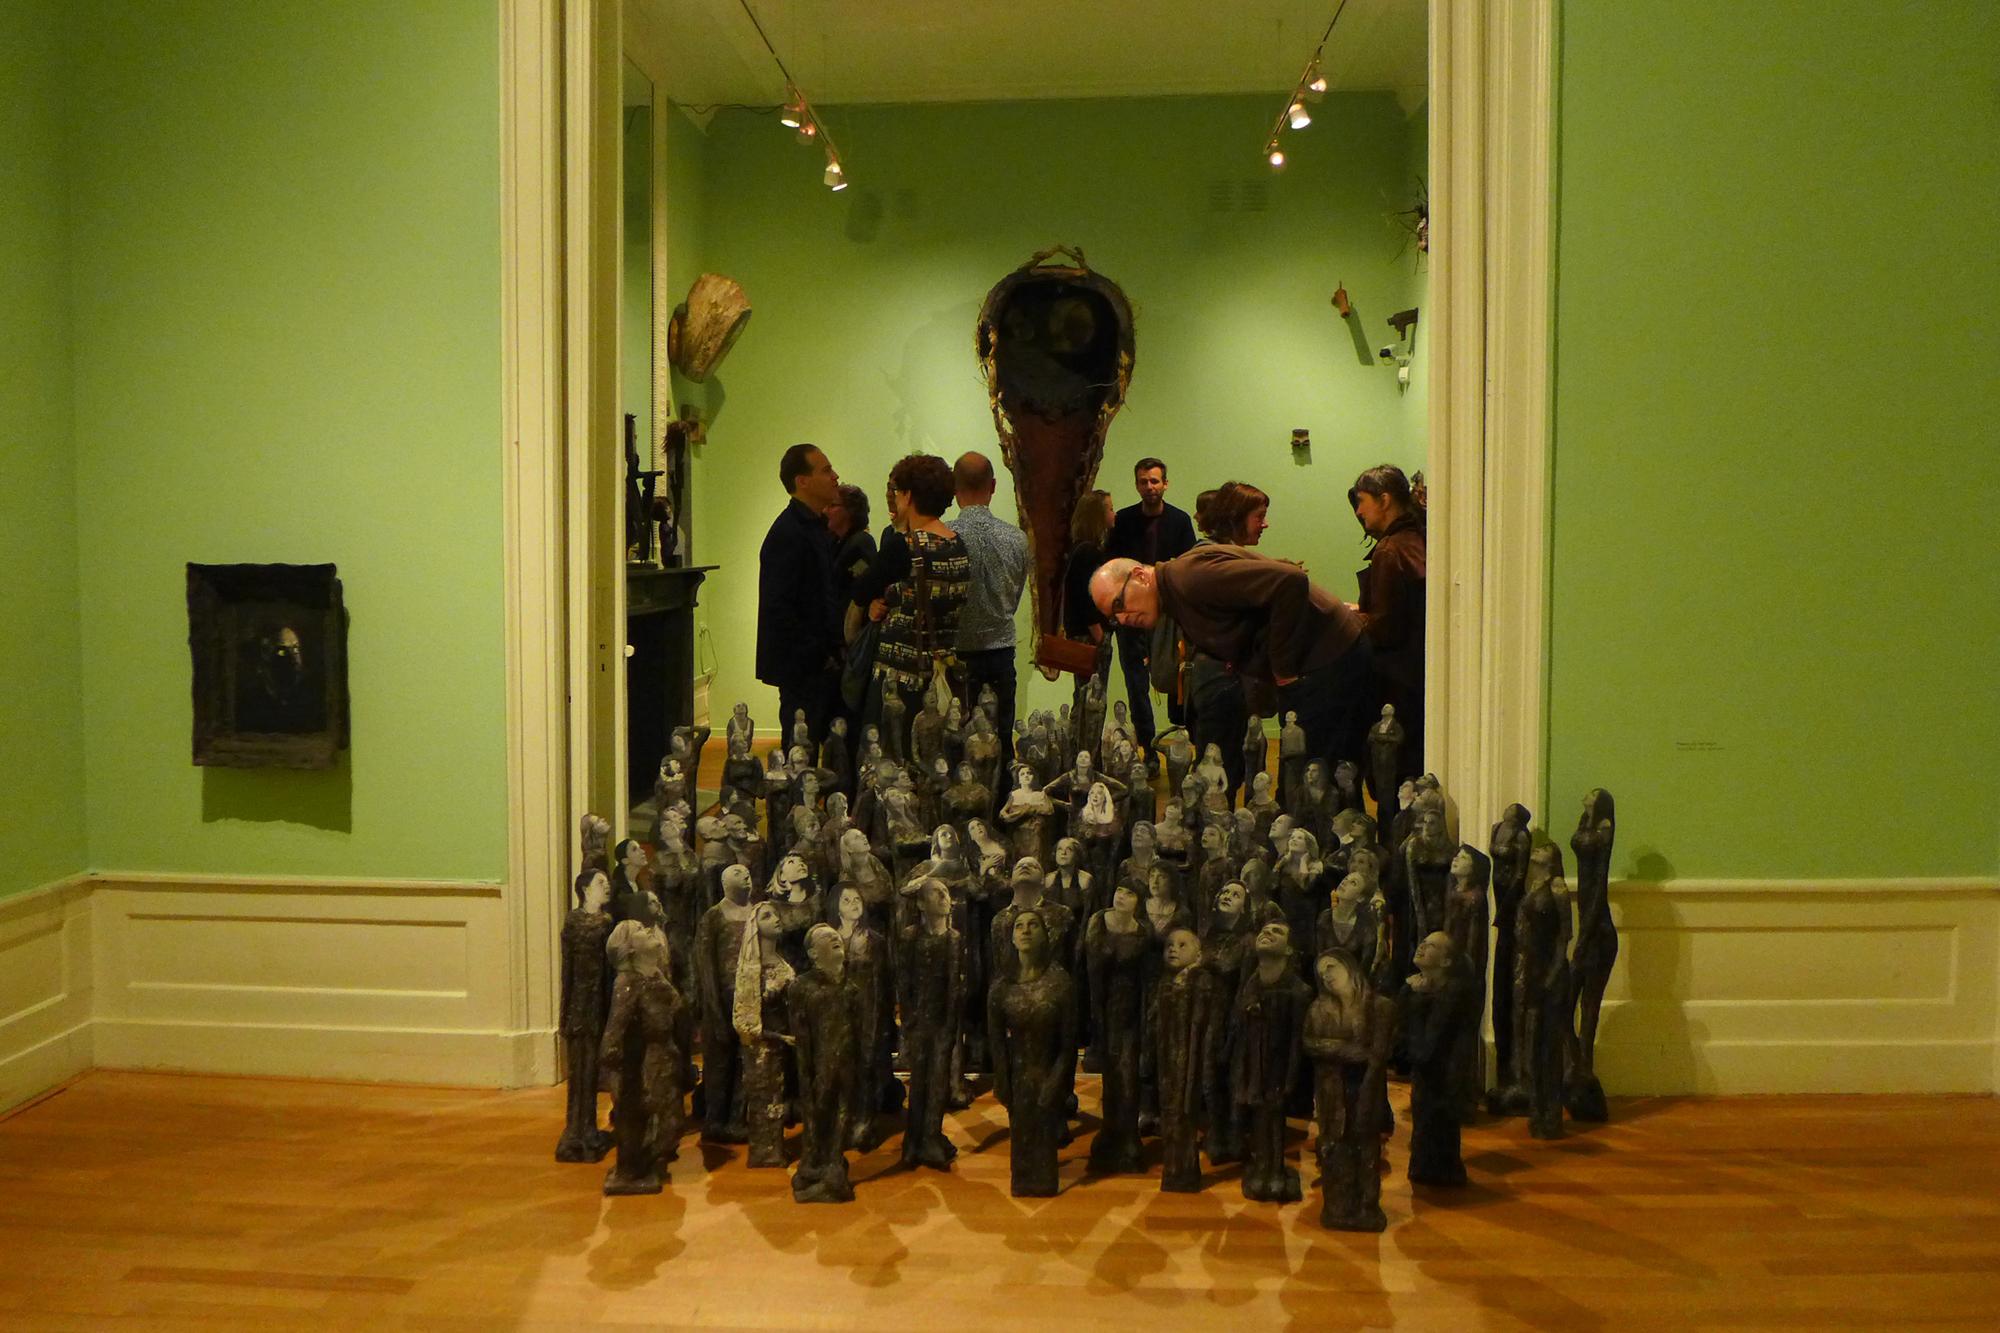 Met name het uit tientallen omhoogkijkende figuren bestaande kunstwerk Of Infinite Height trok meteen al op de opening veel aandacht. foto Joep Eijkens